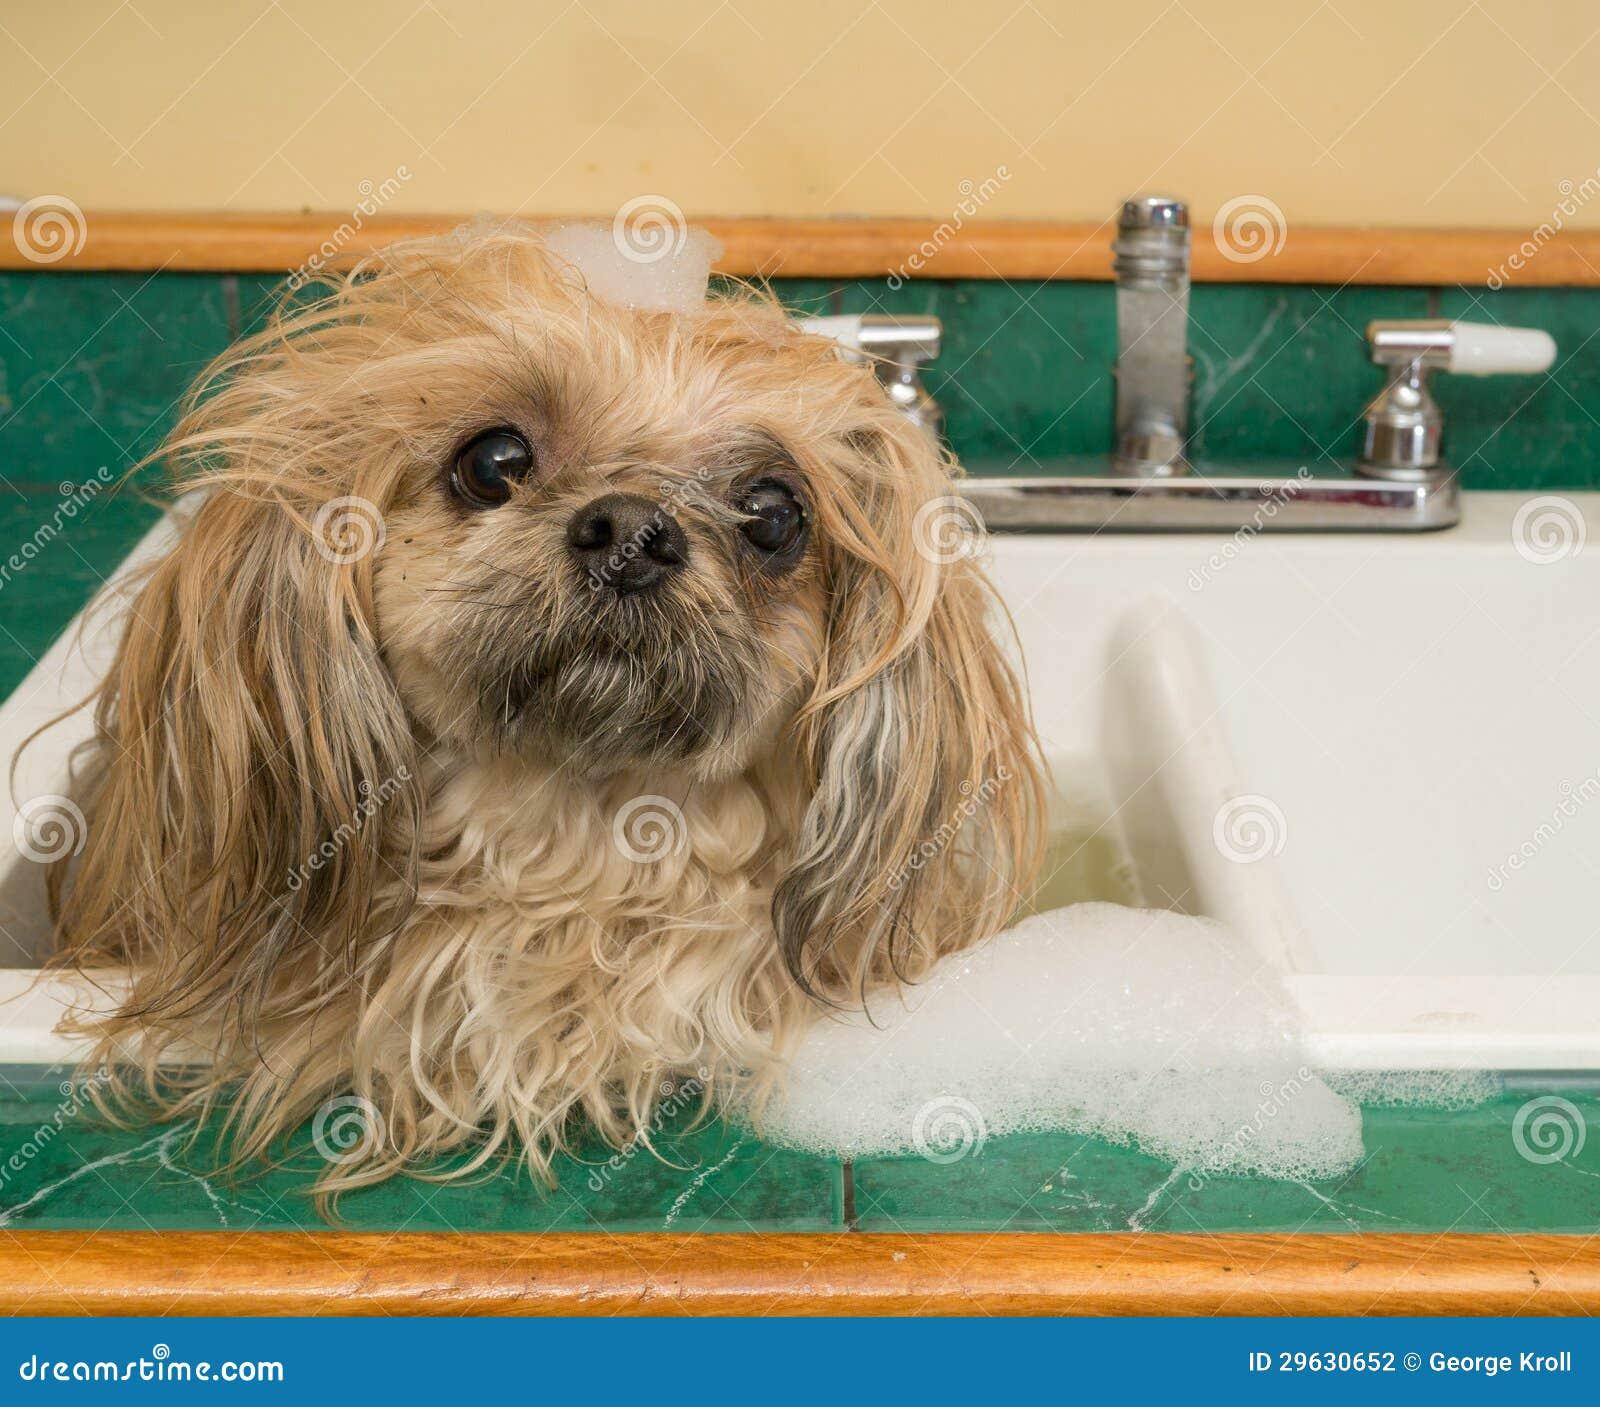 Shih Tzu dog bath in sink